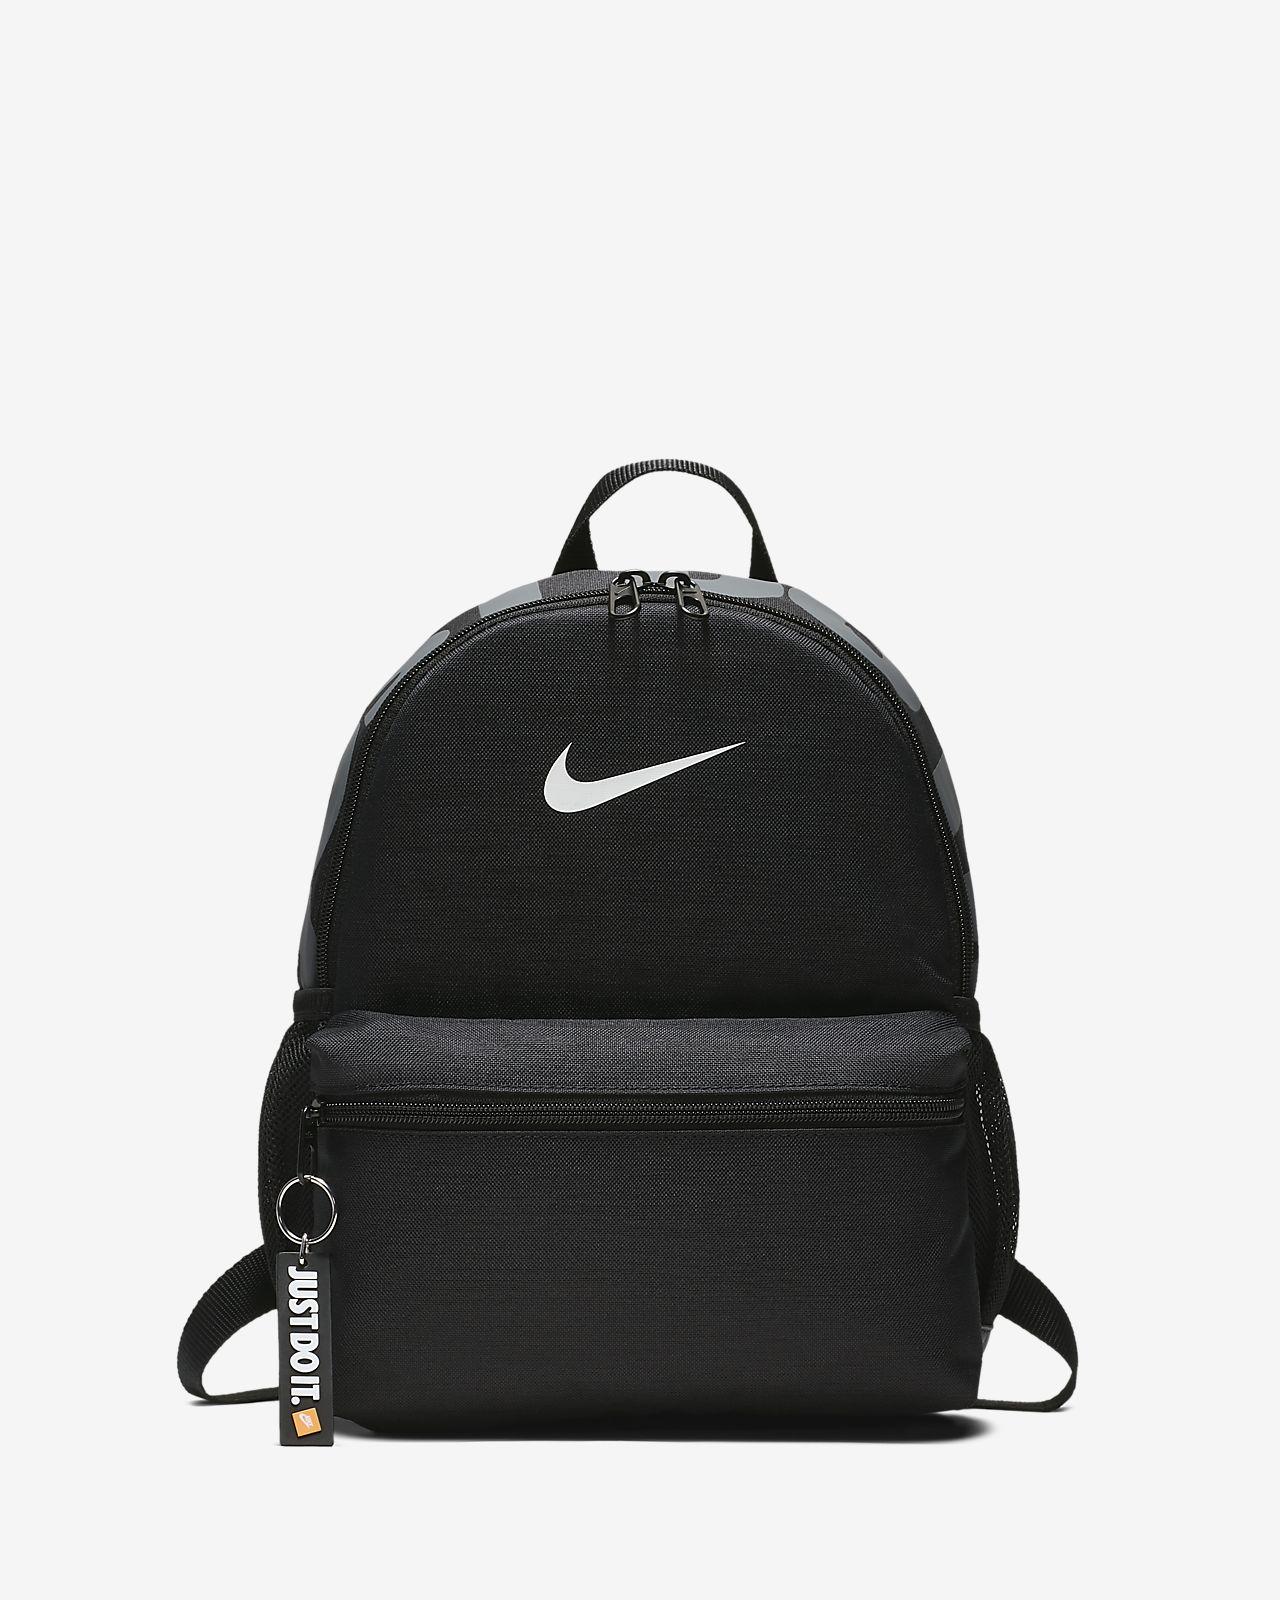 Nike Brasilia Just Do It 儿童双肩包(迷你型)